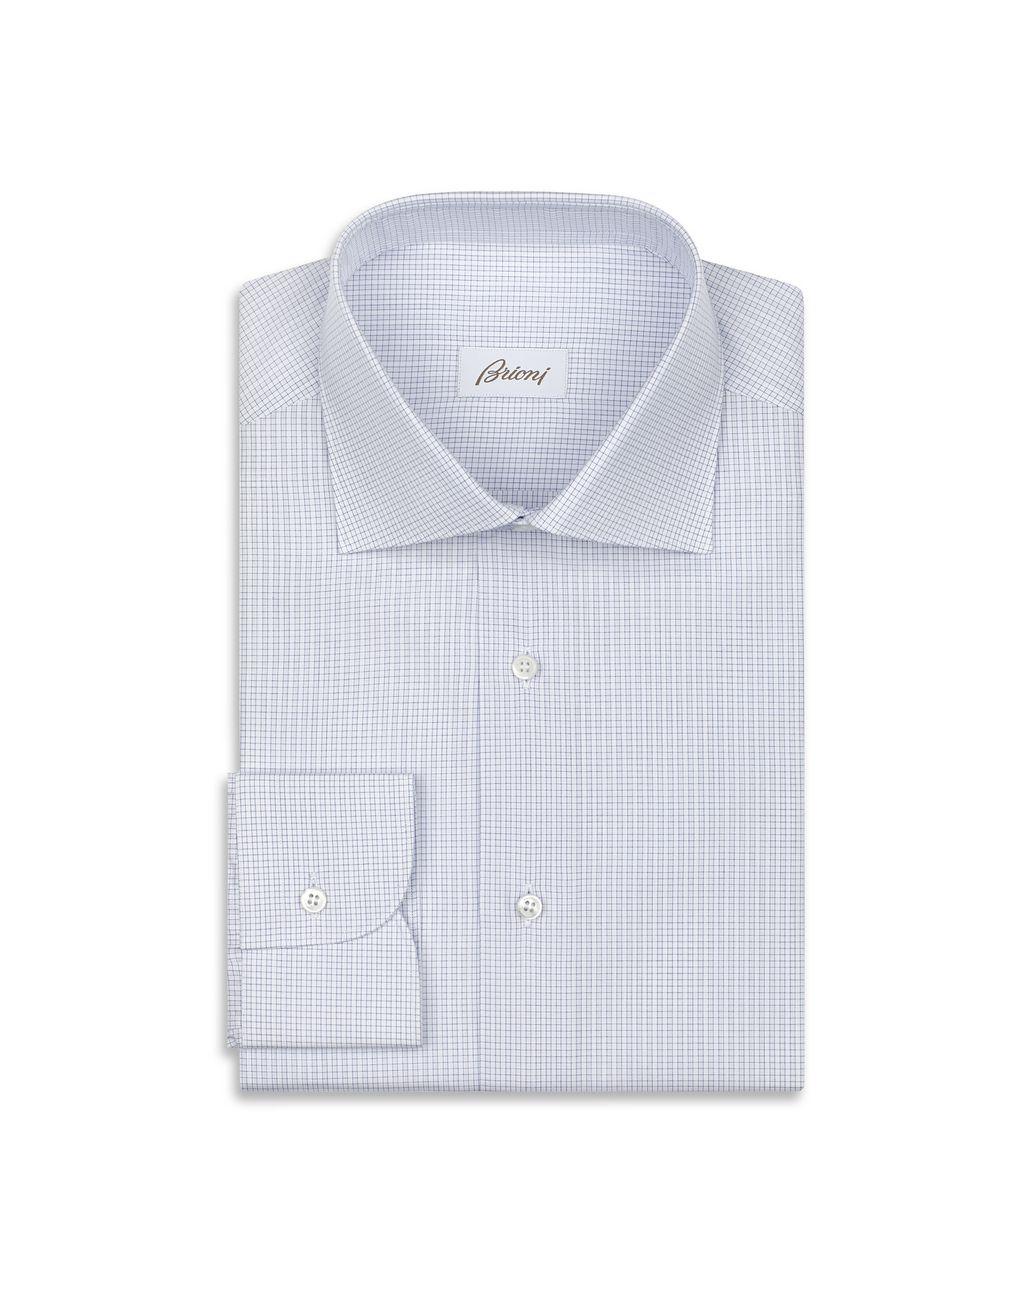 BRIONI Рубашка в мелкую бело-голубую клетку.  Классическая рубашка Для Мужчин f